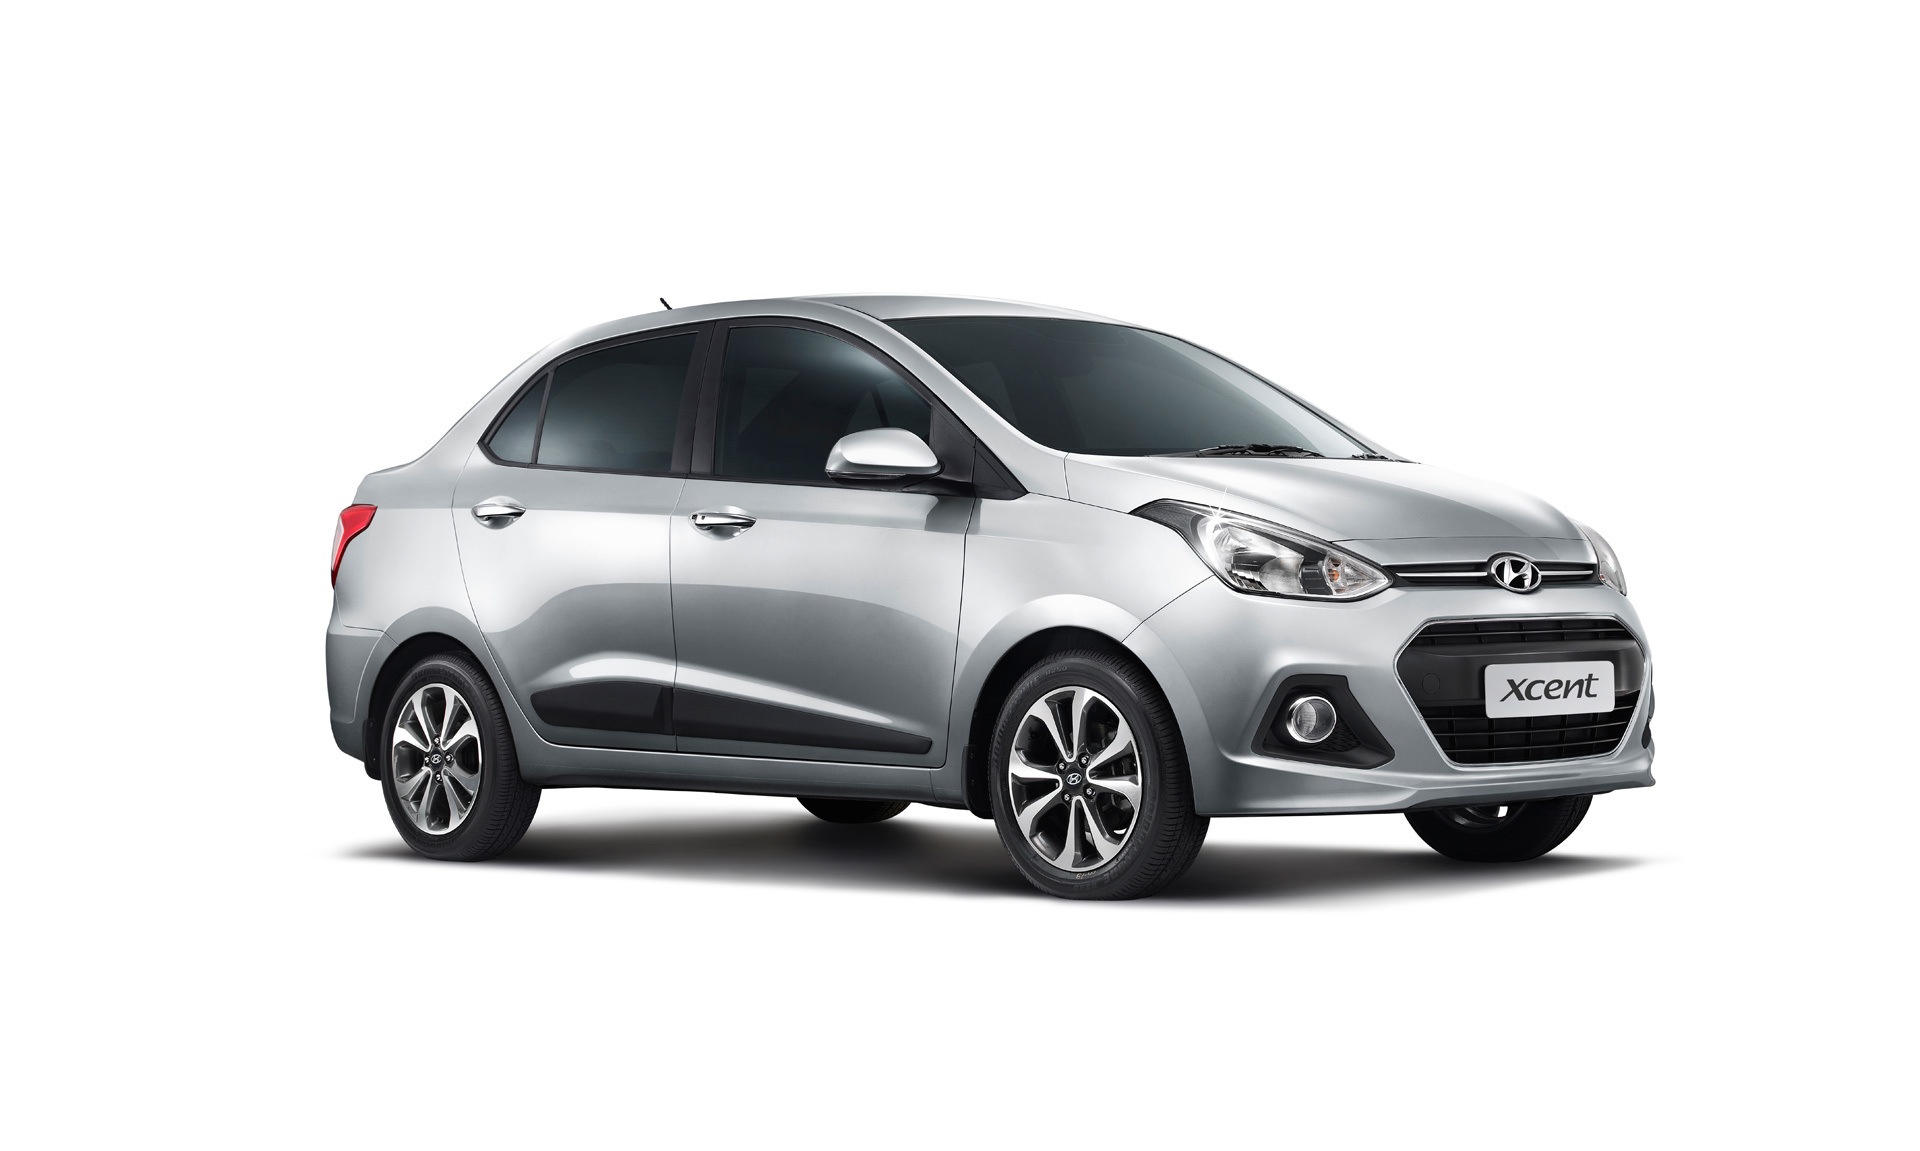 Rumour: Hyundai Xcent to get 1.4L diesel engine